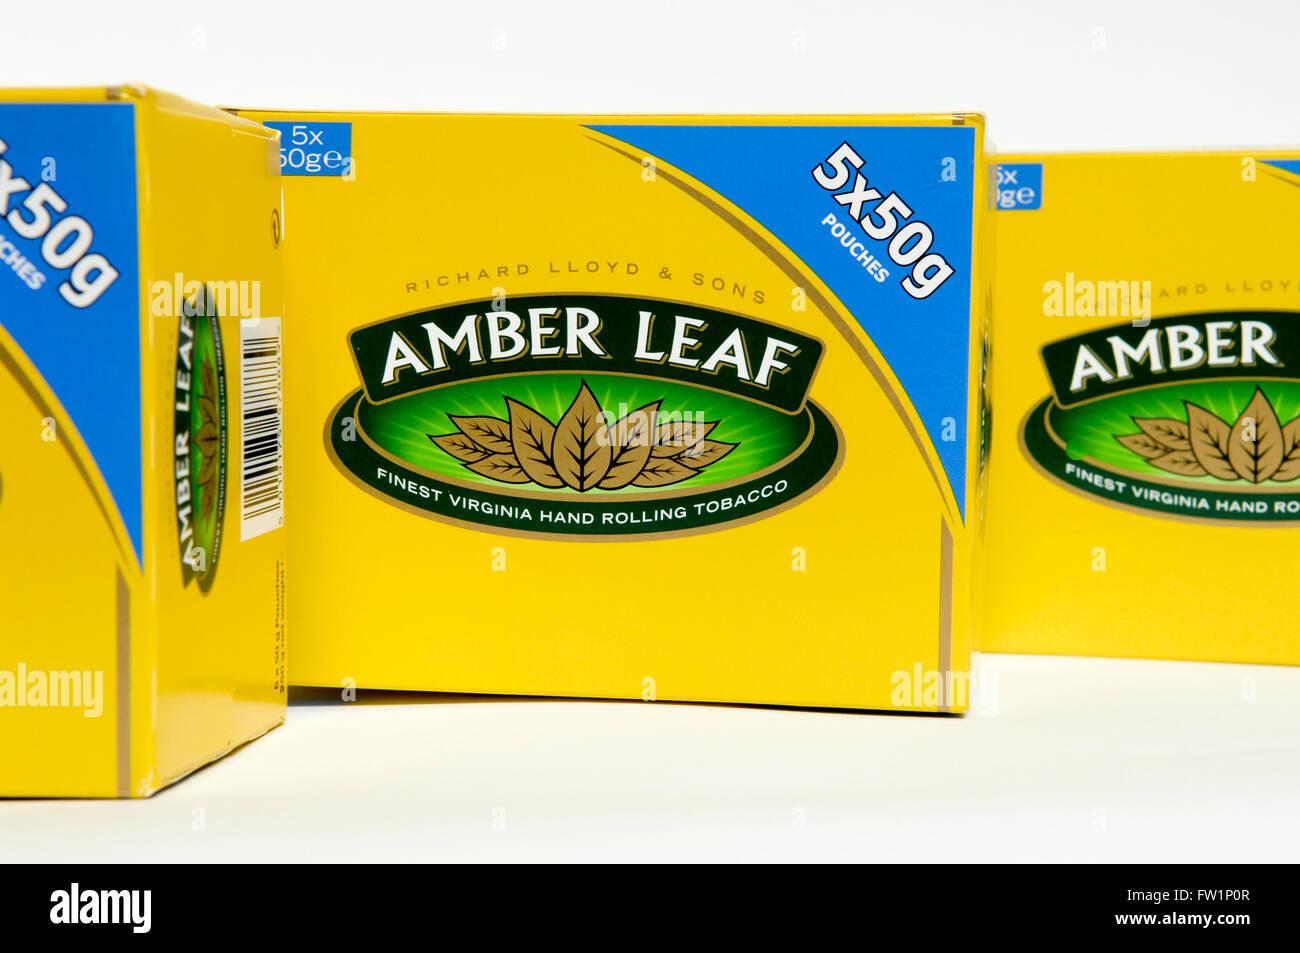 50g Amber Leaf Ireland